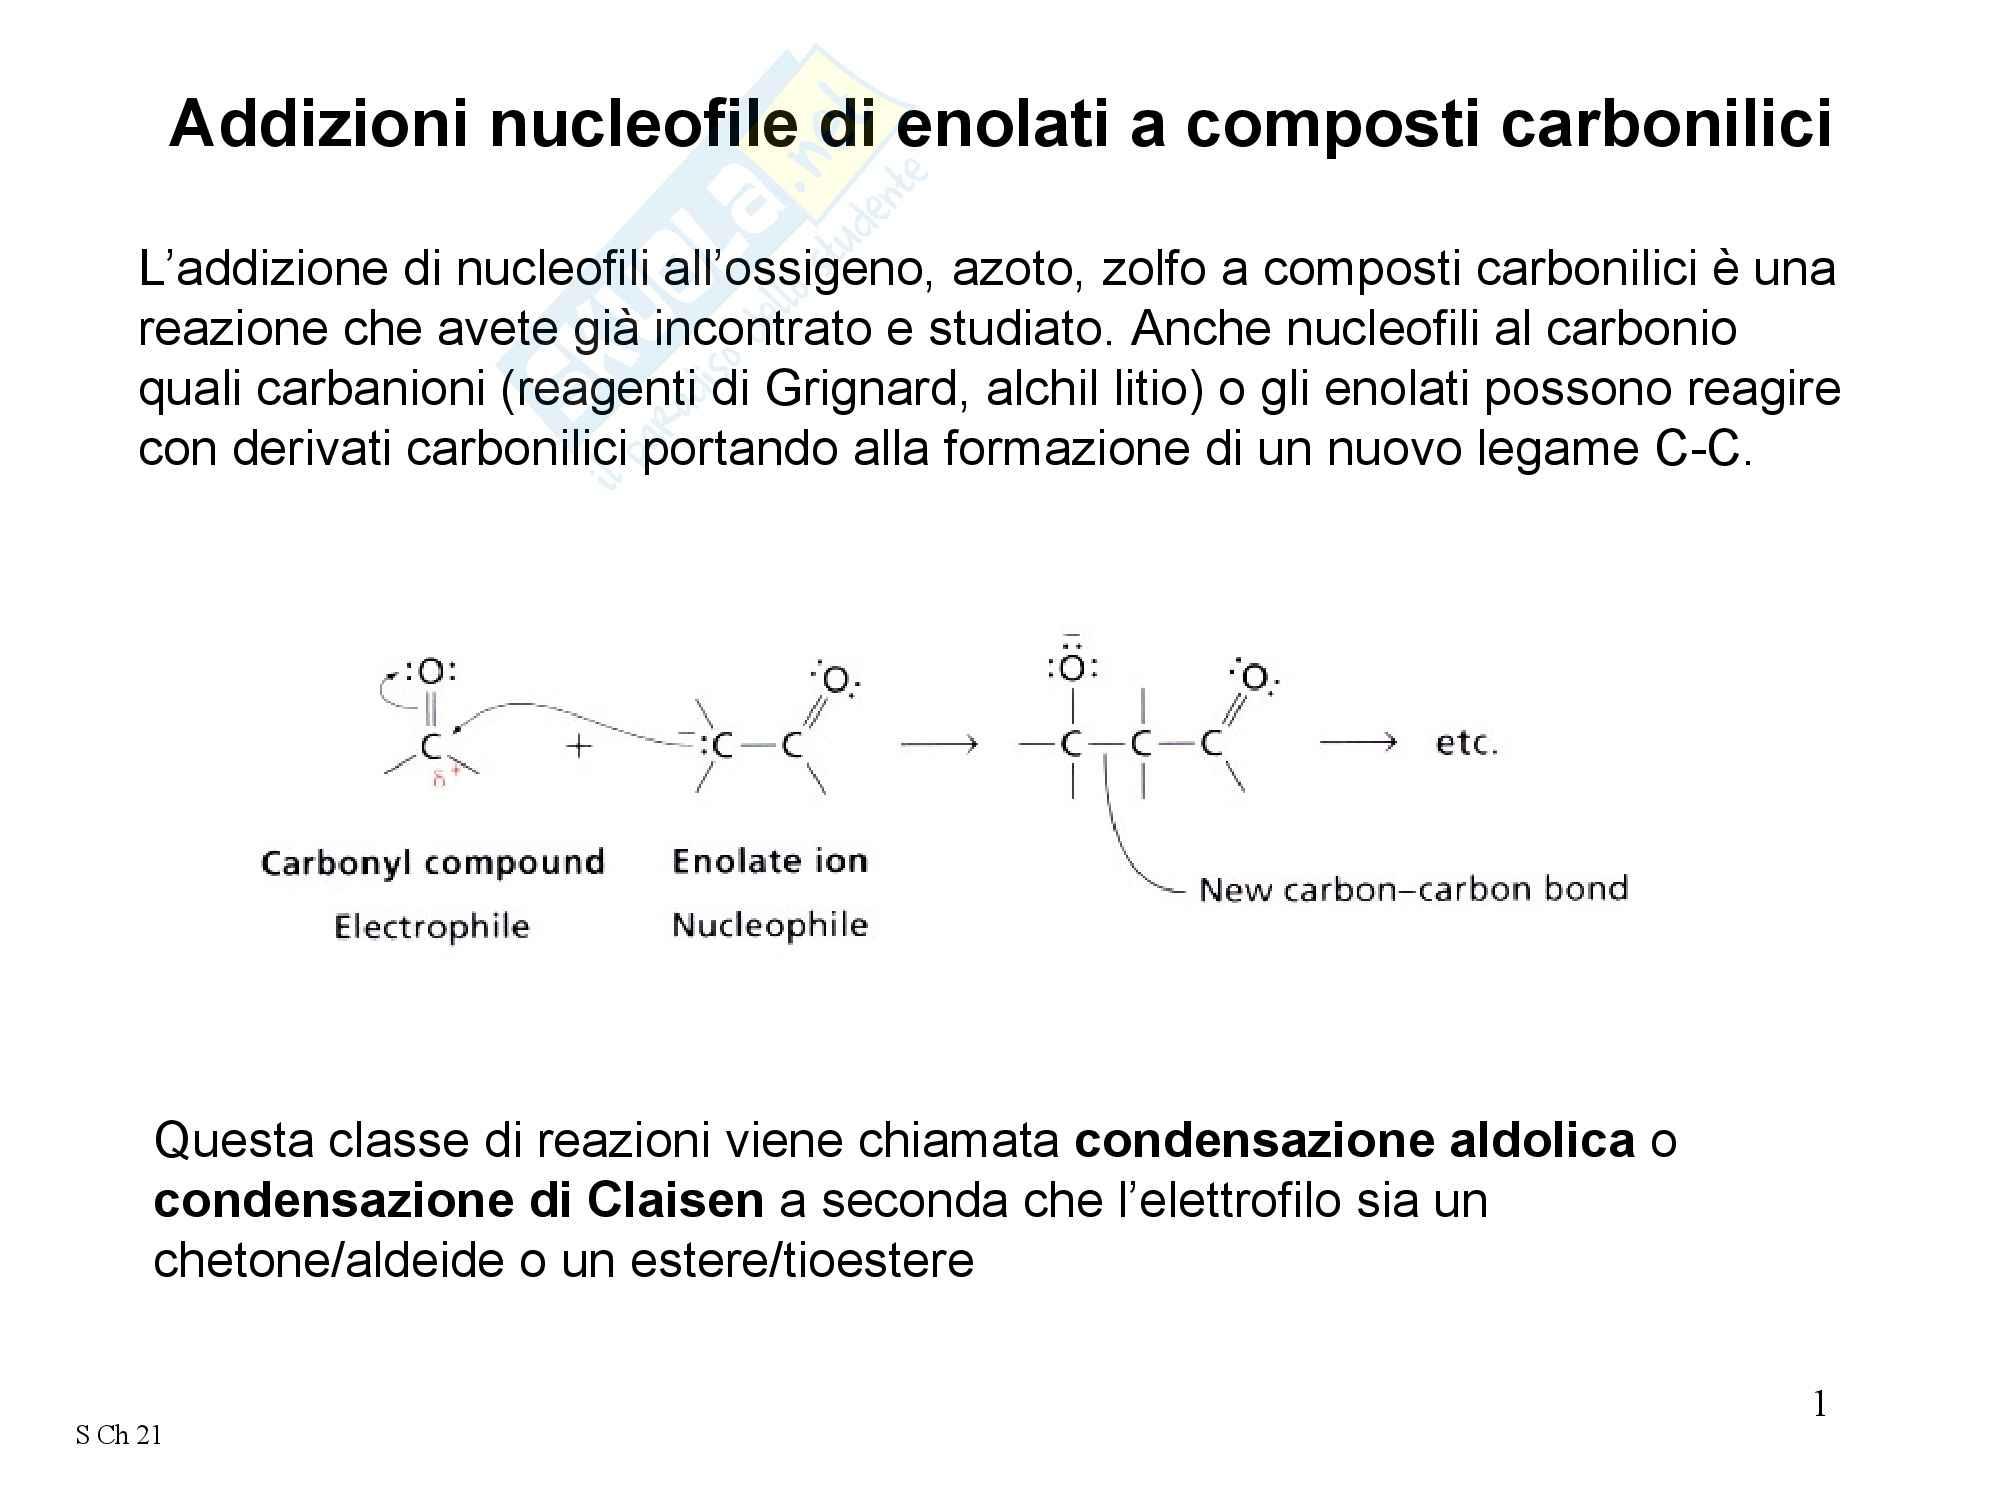 Chimica organica - la condensazione aldolica